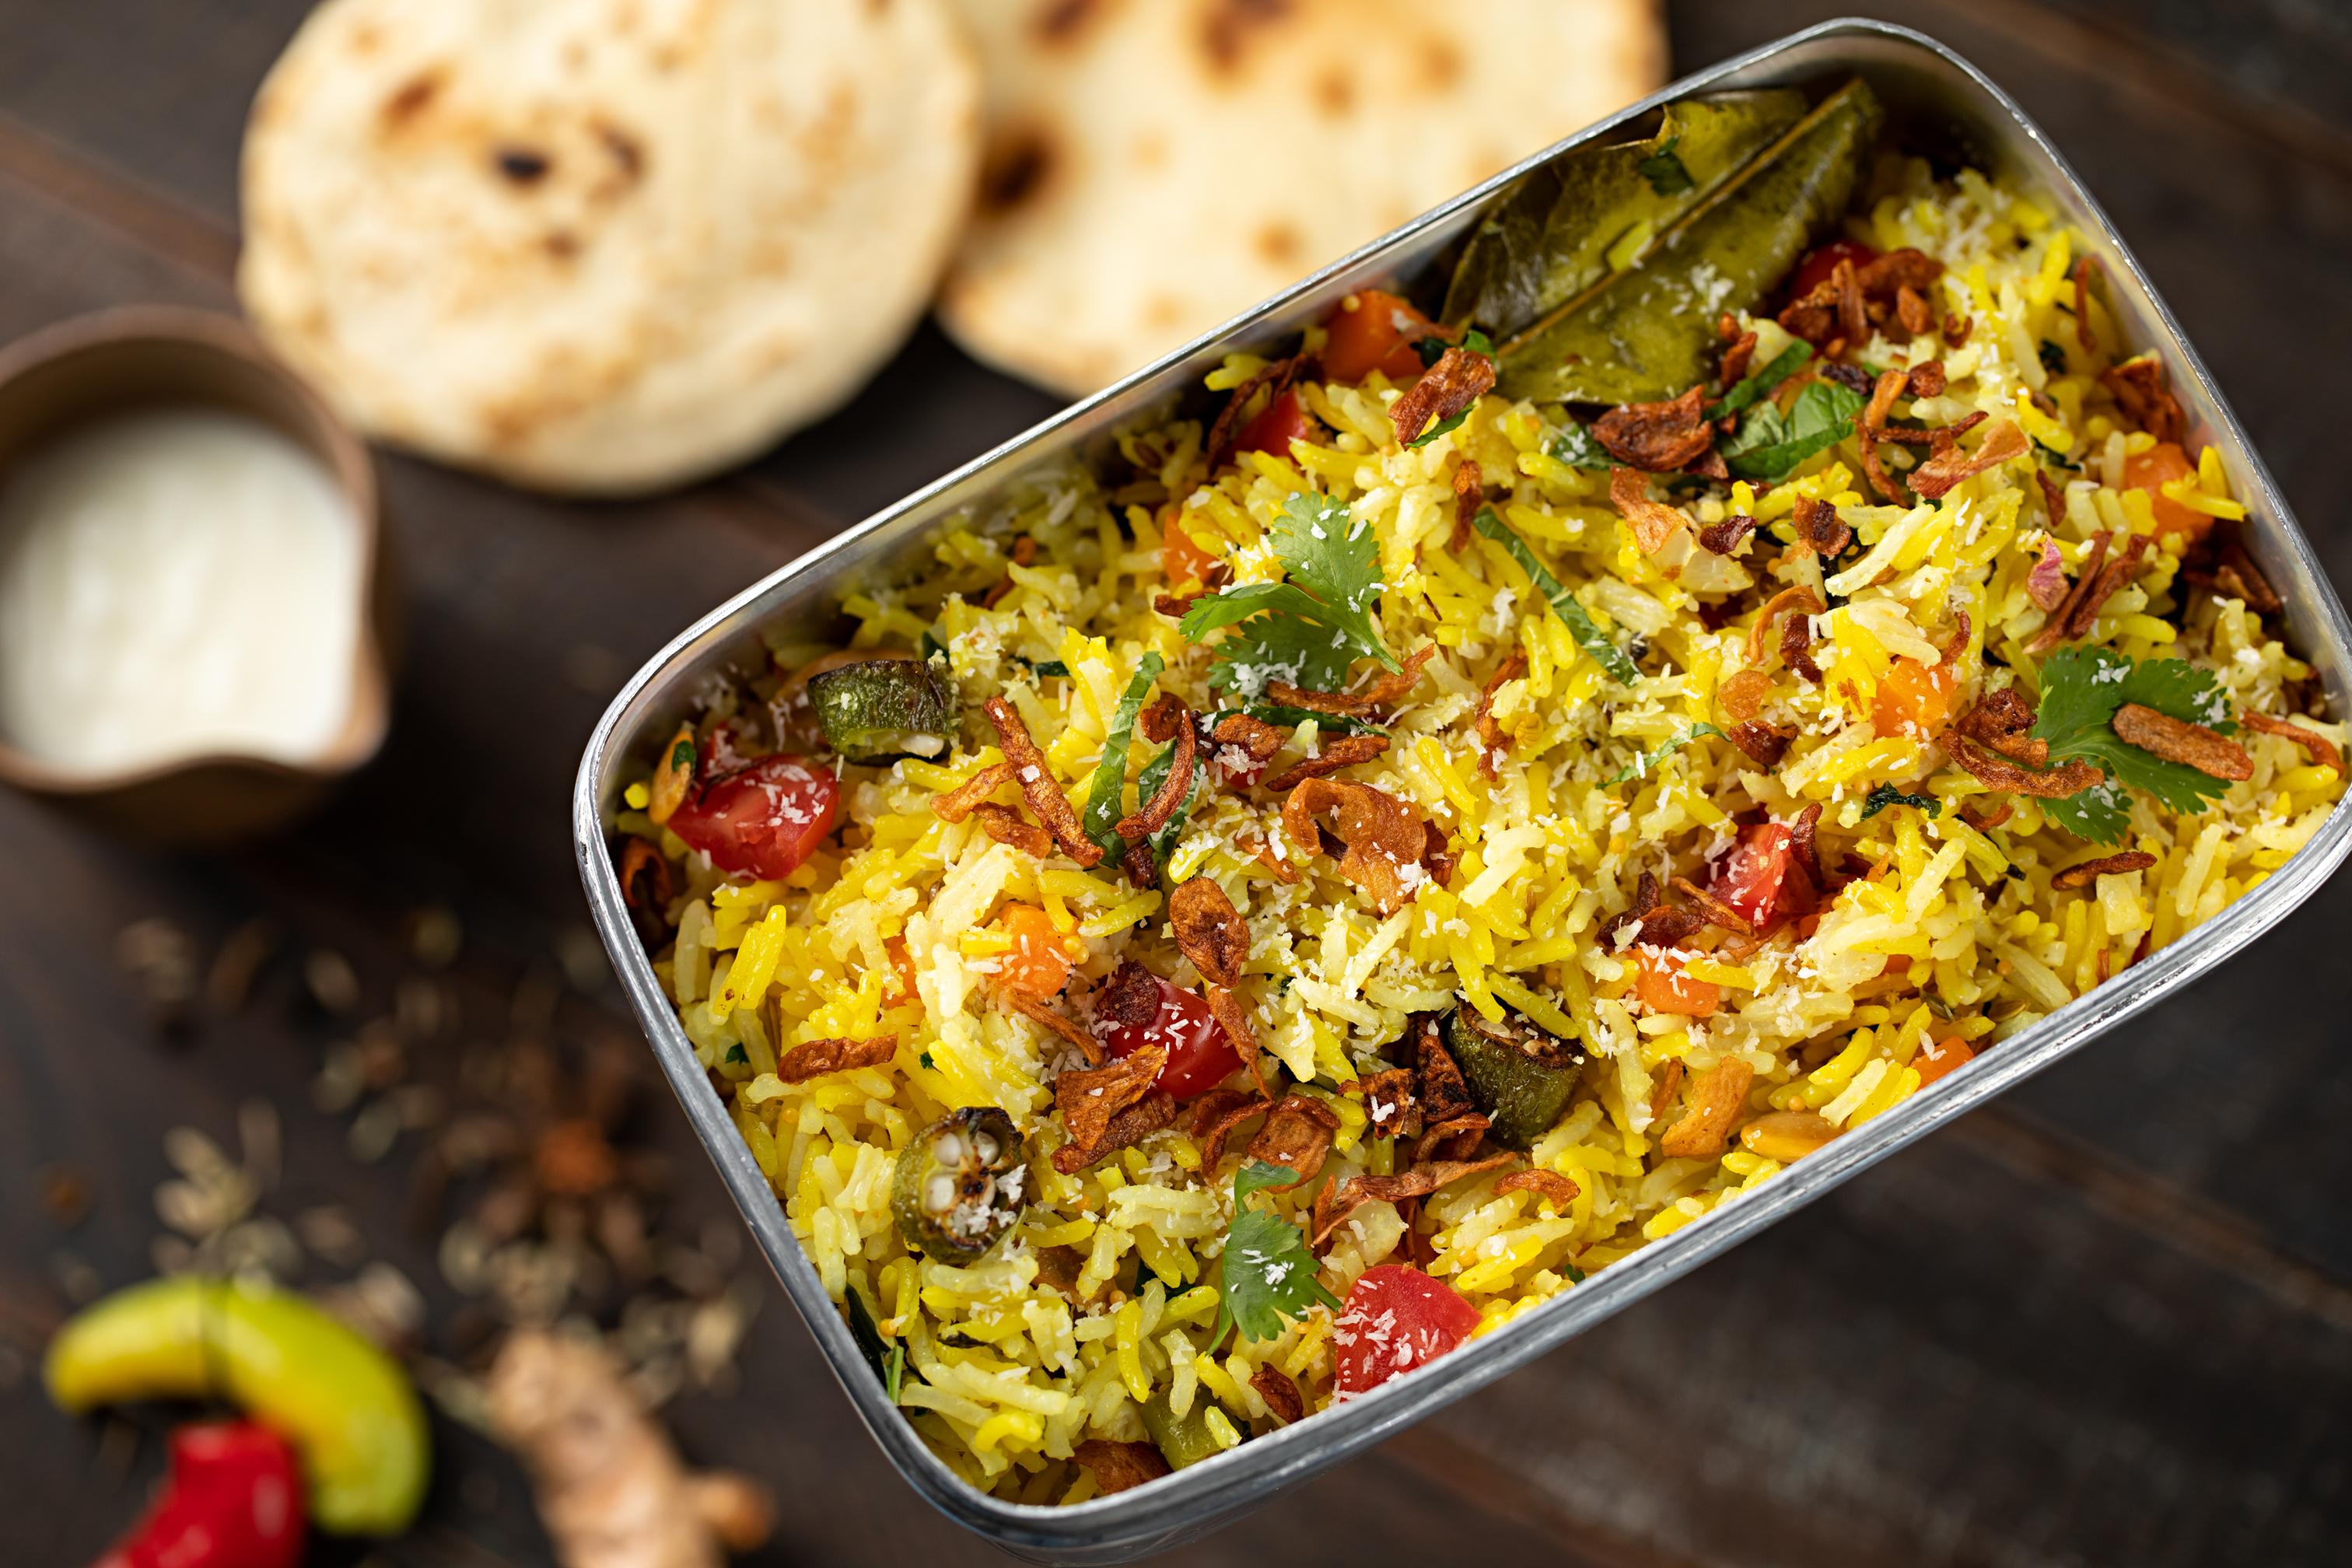 A imagem mostra um tabuleiro cheio de arroz indiano com vegetais